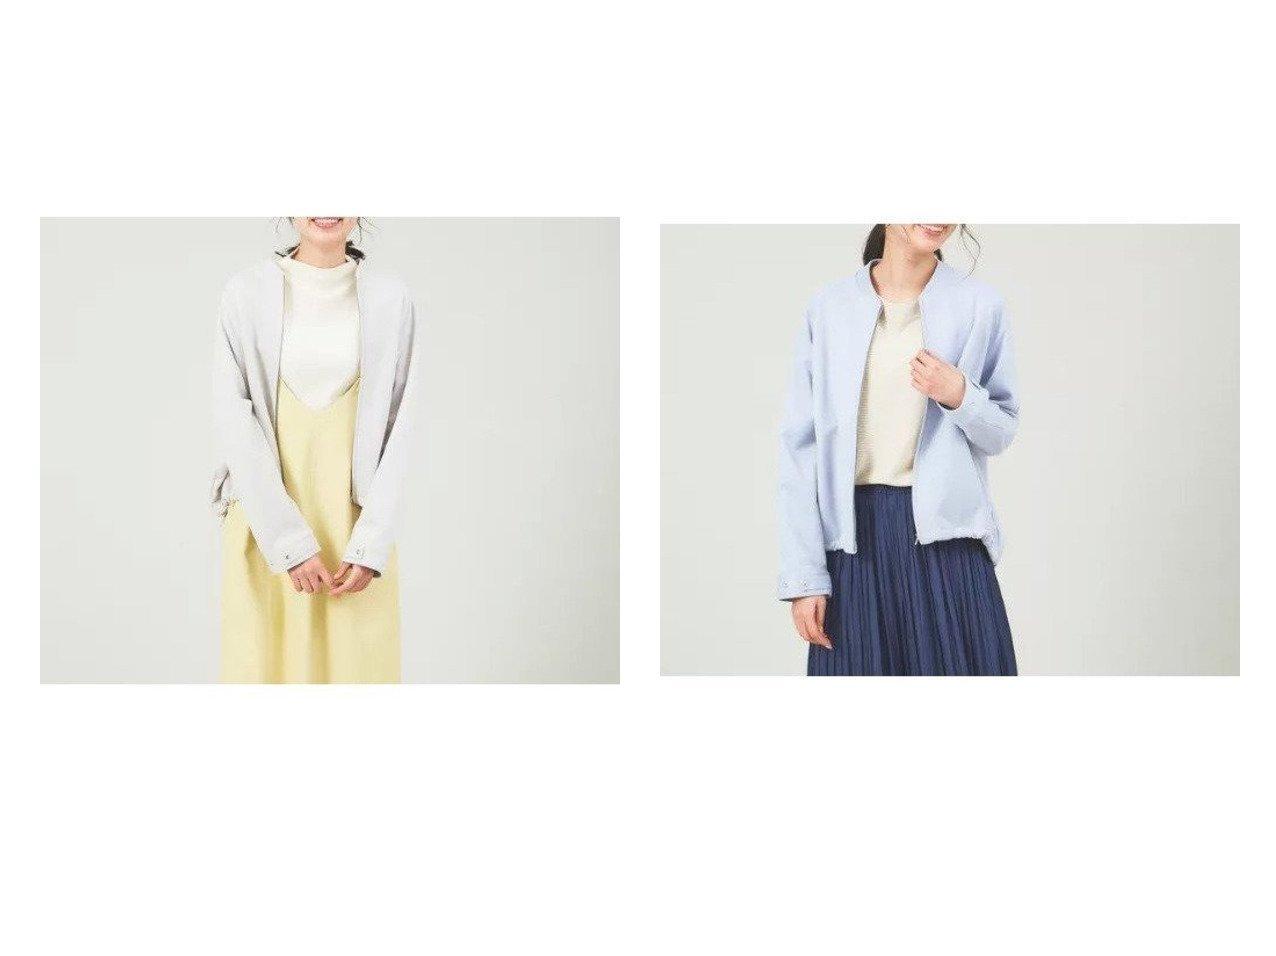 【abahouse mavie/アバハウスマヴィ】のecru スウェードブルゾン アウターのおすすめ!人気、トレンド・レディースファッションの通販 おすすめで人気の流行・トレンド、ファッションの通販商品 メンズファッション・キッズファッション・インテリア・家具・レディースファッション・服の通販 founy(ファニー) https://founy.com/ ファッション Fashion レディースファッション WOMEN アウター Coat Outerwear ジャケット Jackets ブルゾン Blouson Jackets ジャケット スリーブ トレンド ドローコード ビッグ フェイクスエード ブルゾン 人気  ID:crp329100000023593